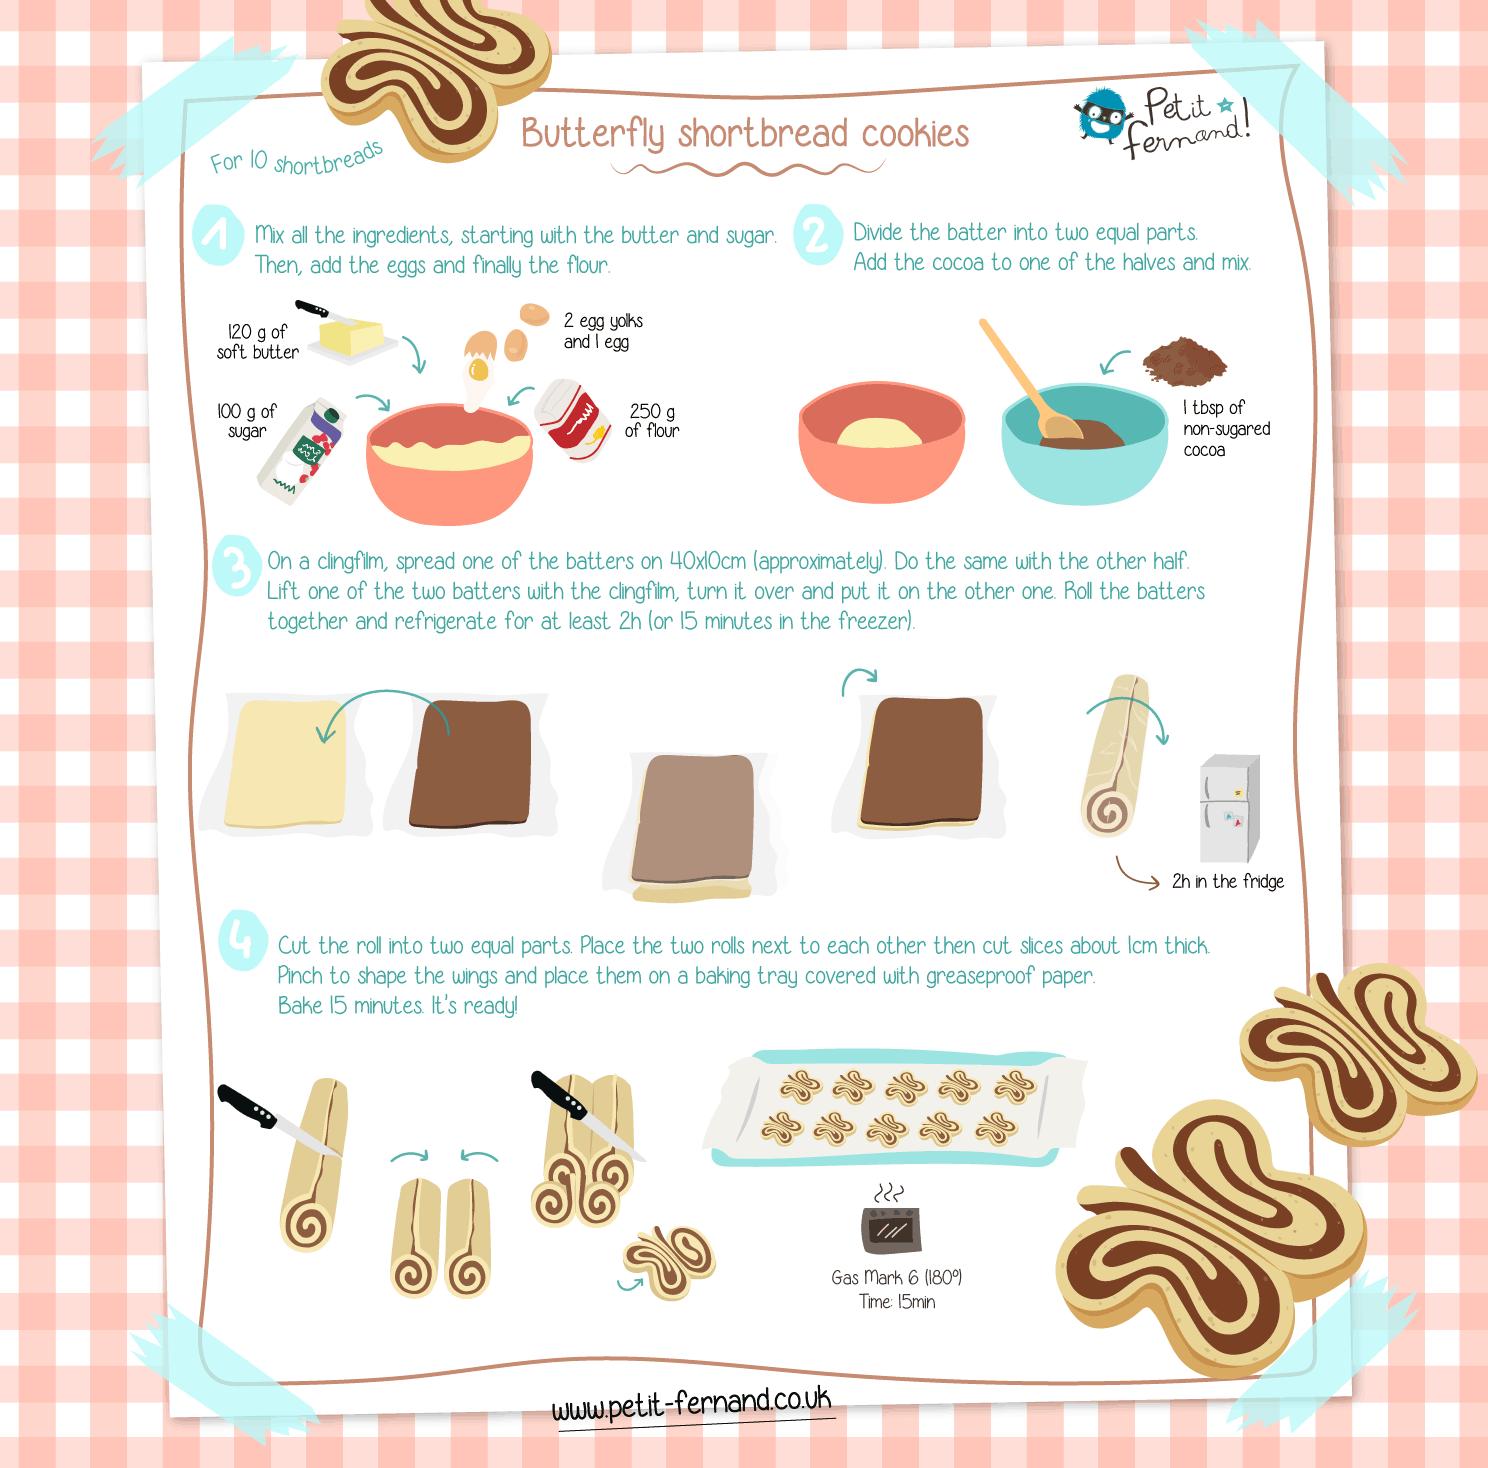 Follow a few steps to make this original recipe